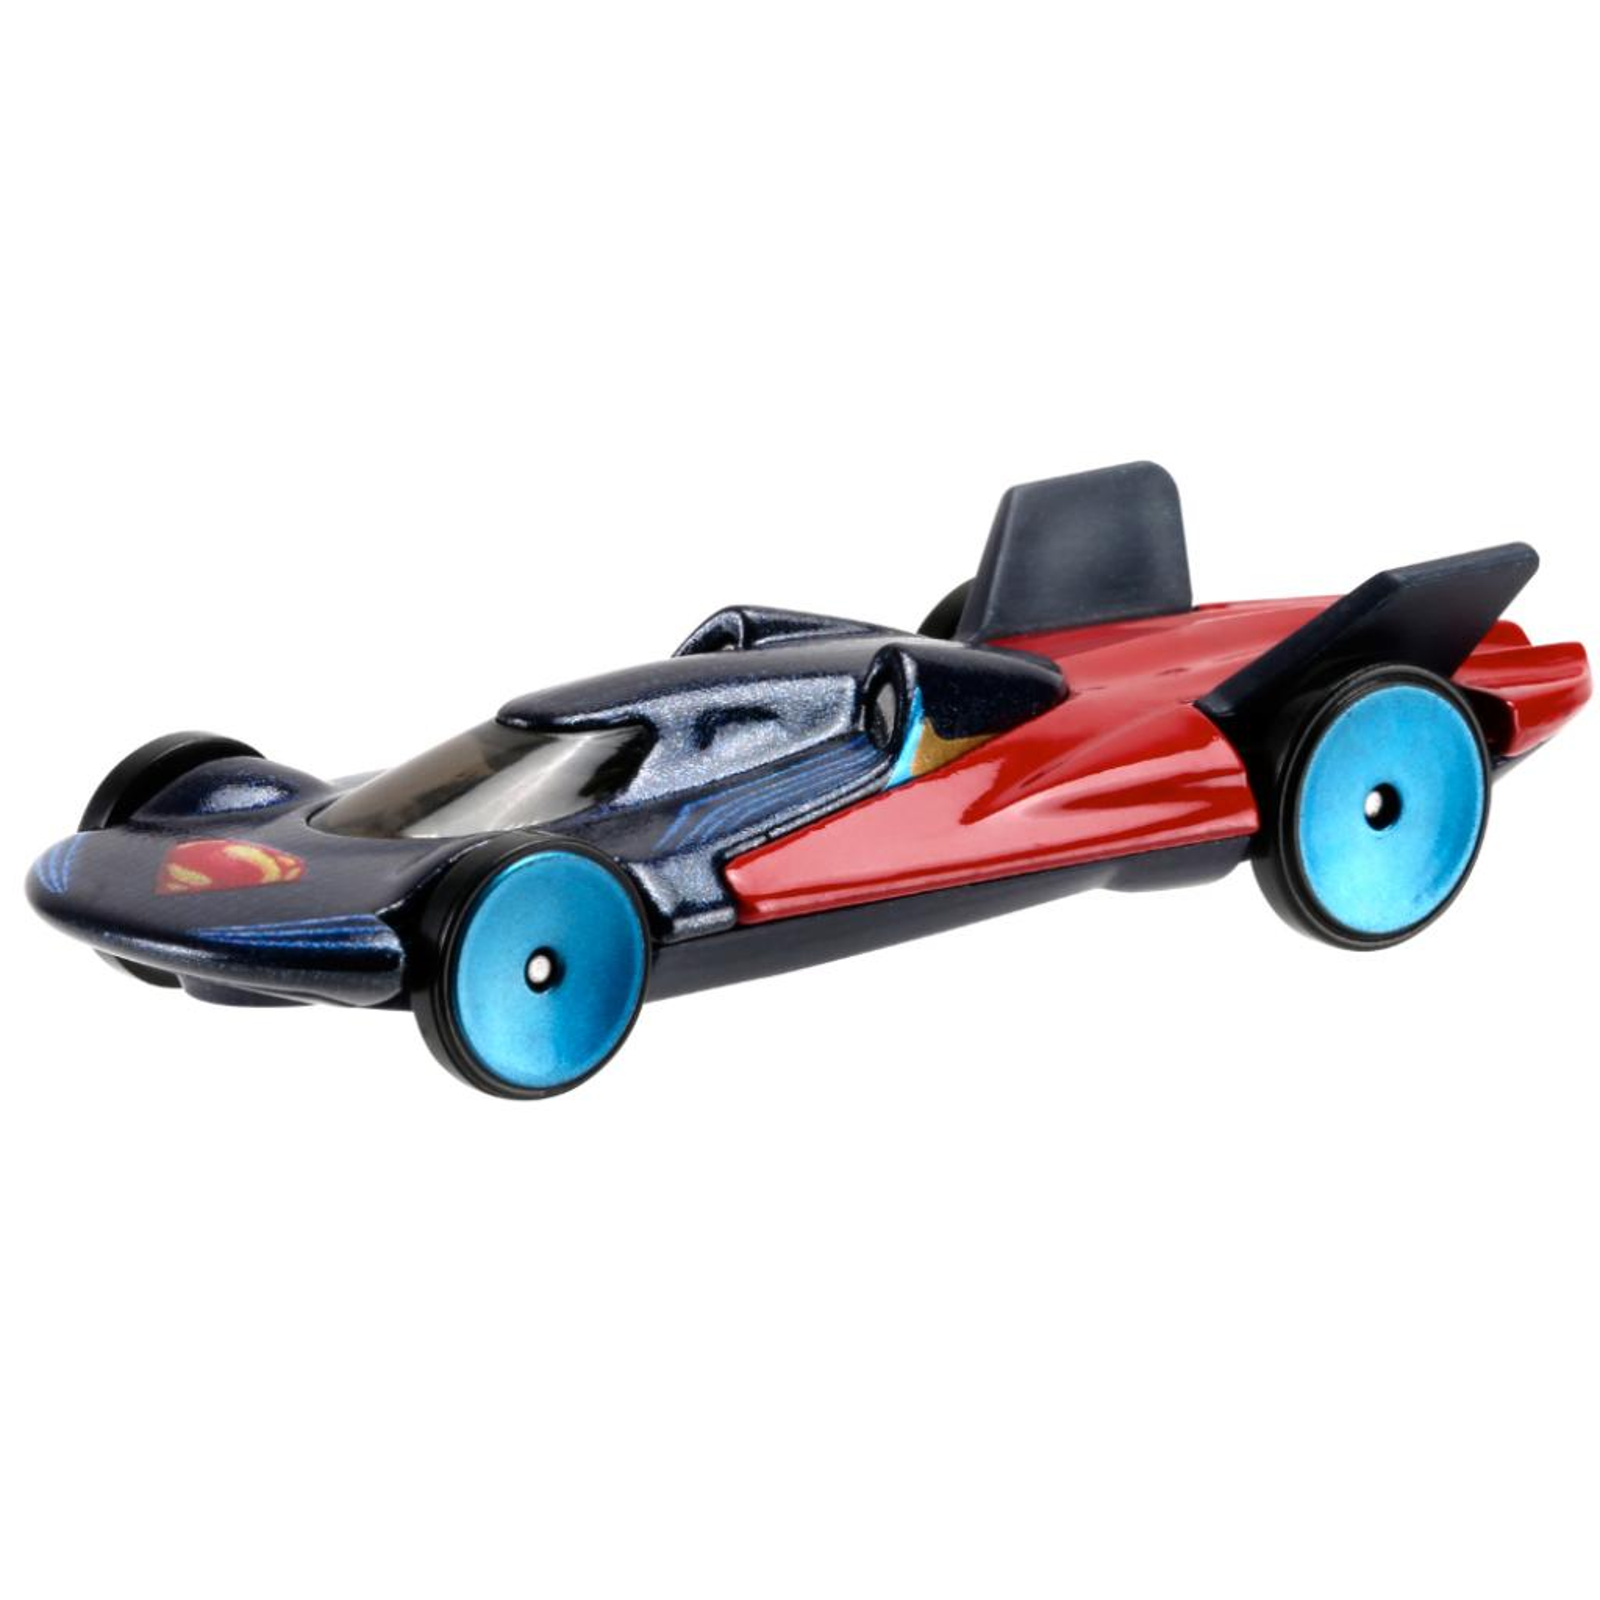 Игровой набор Hot Wheels 2 машинки Бэтмен против Супермена (DJP09) изображение 3